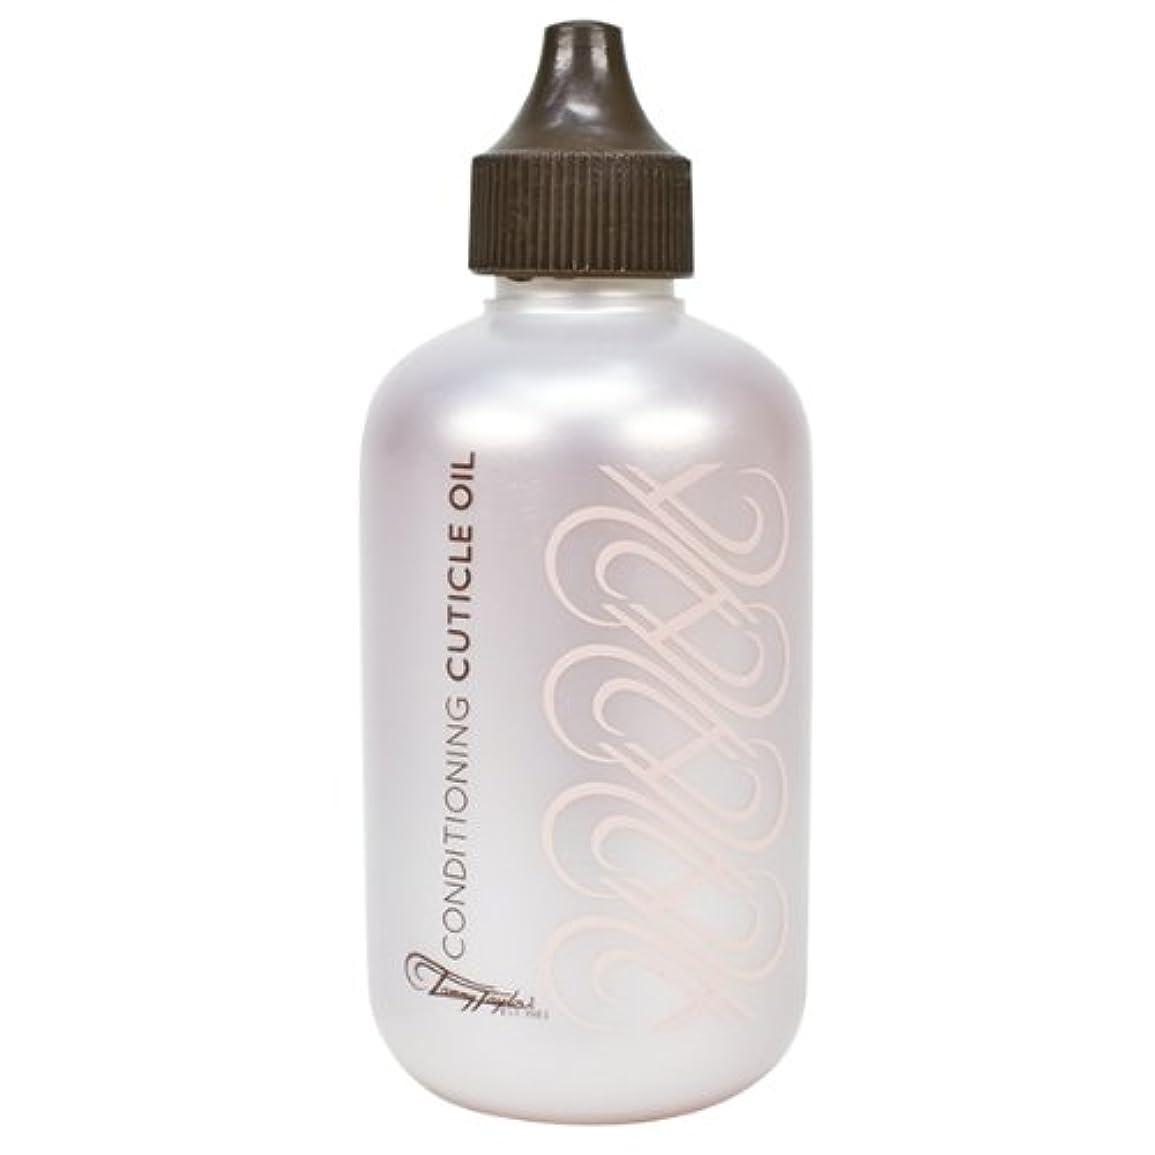 ロケット異邦人珍しいTammy Taylor - Conditioning Cuticle Oil -Peach - 4 Oz / 118mL